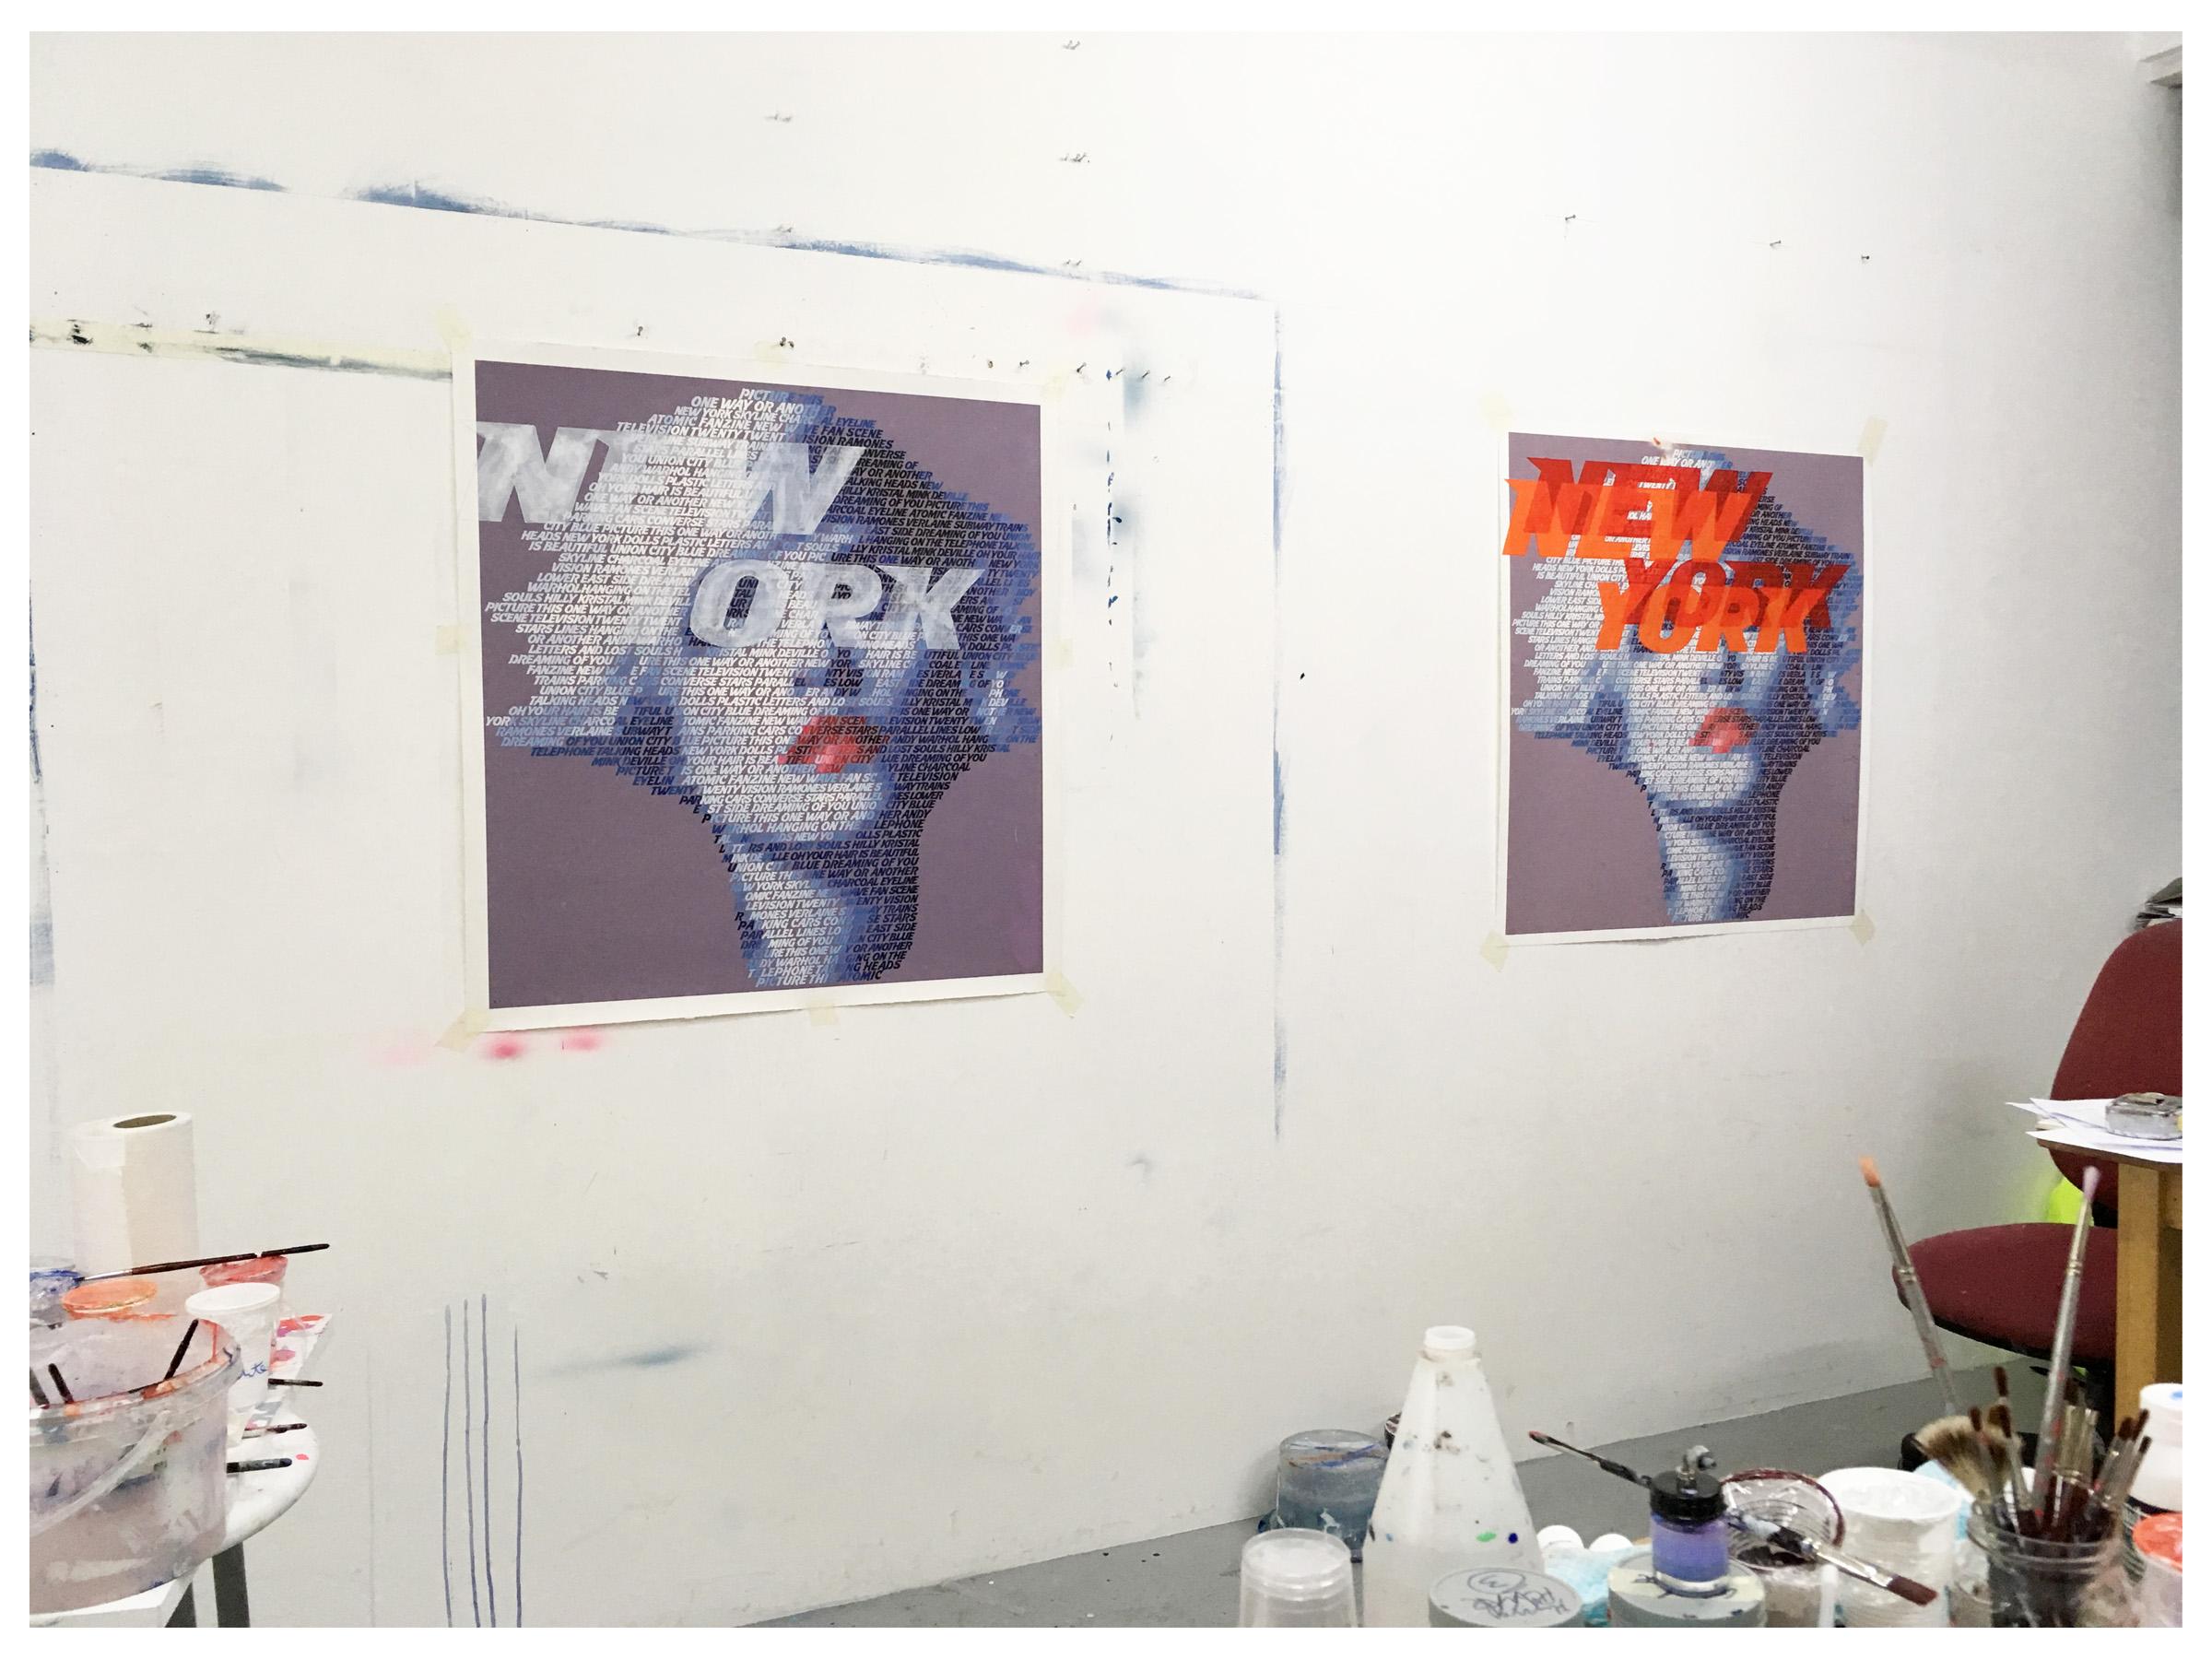 mike_edwards_artist_studio_debbie_harry_blondie_painting.jpg